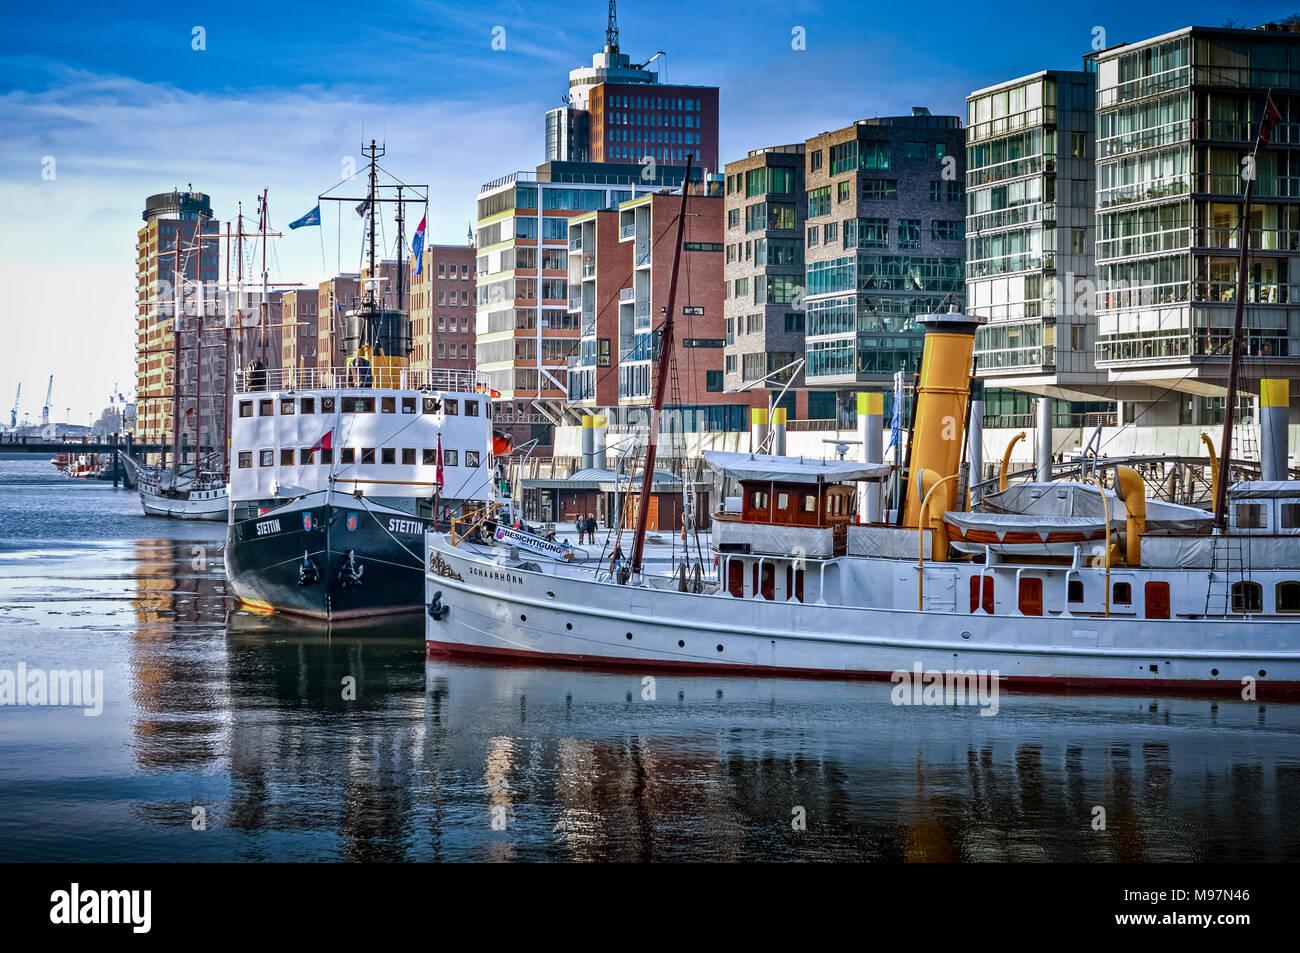 Deutschland, Hamburg, Hafencity, Sandtorkai, Sandtorhafen, Dalmannkai, Architekur, Historisches Schiff, 'Stettin', 'Schaarhörn' - Stock Image